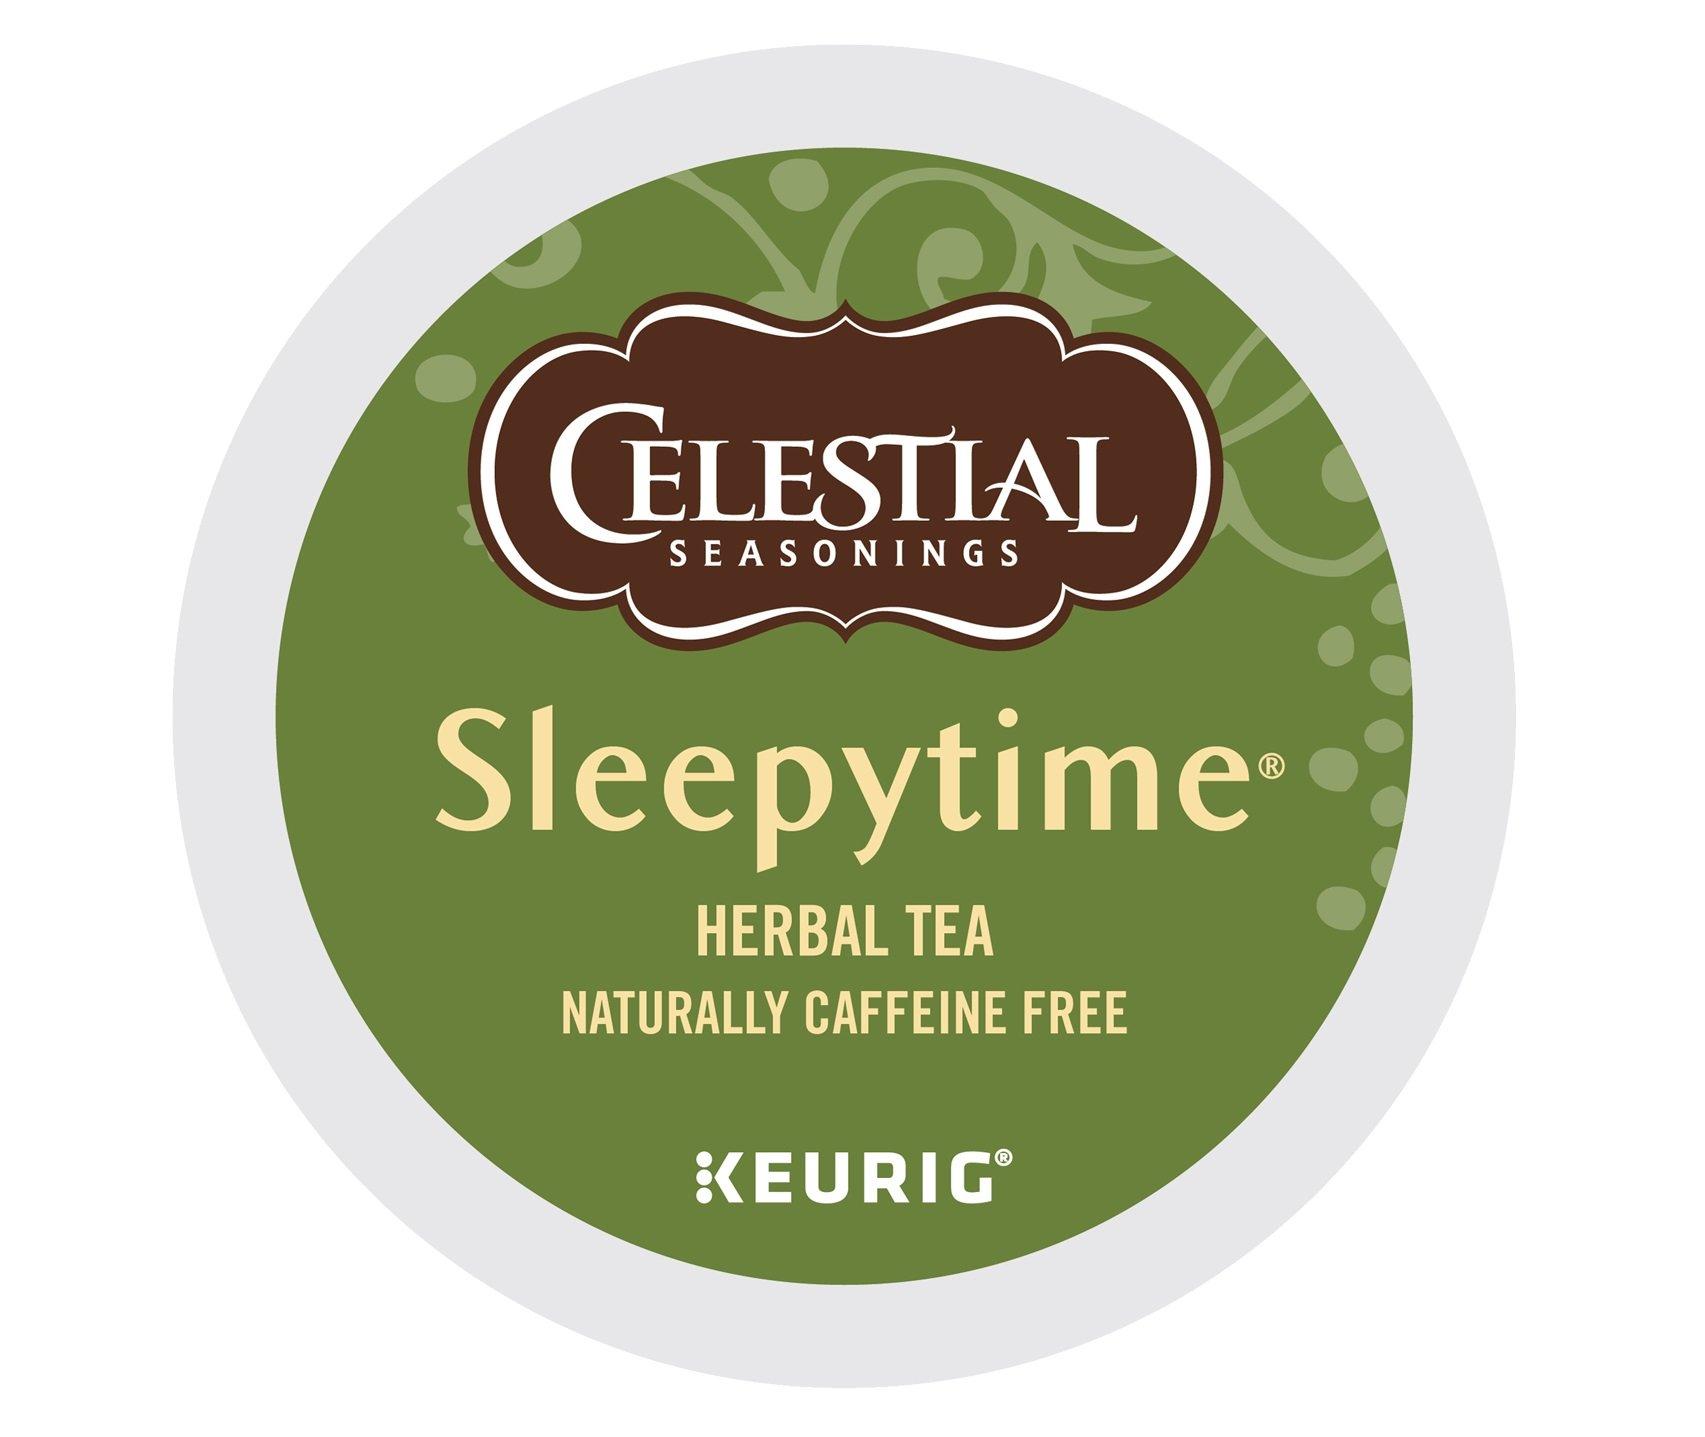 Celestial Seasonings Sleeptime Herbal Tea, Single Serve Coffee K-Cup Pod, Tea, 72 by Celestial Seasonings